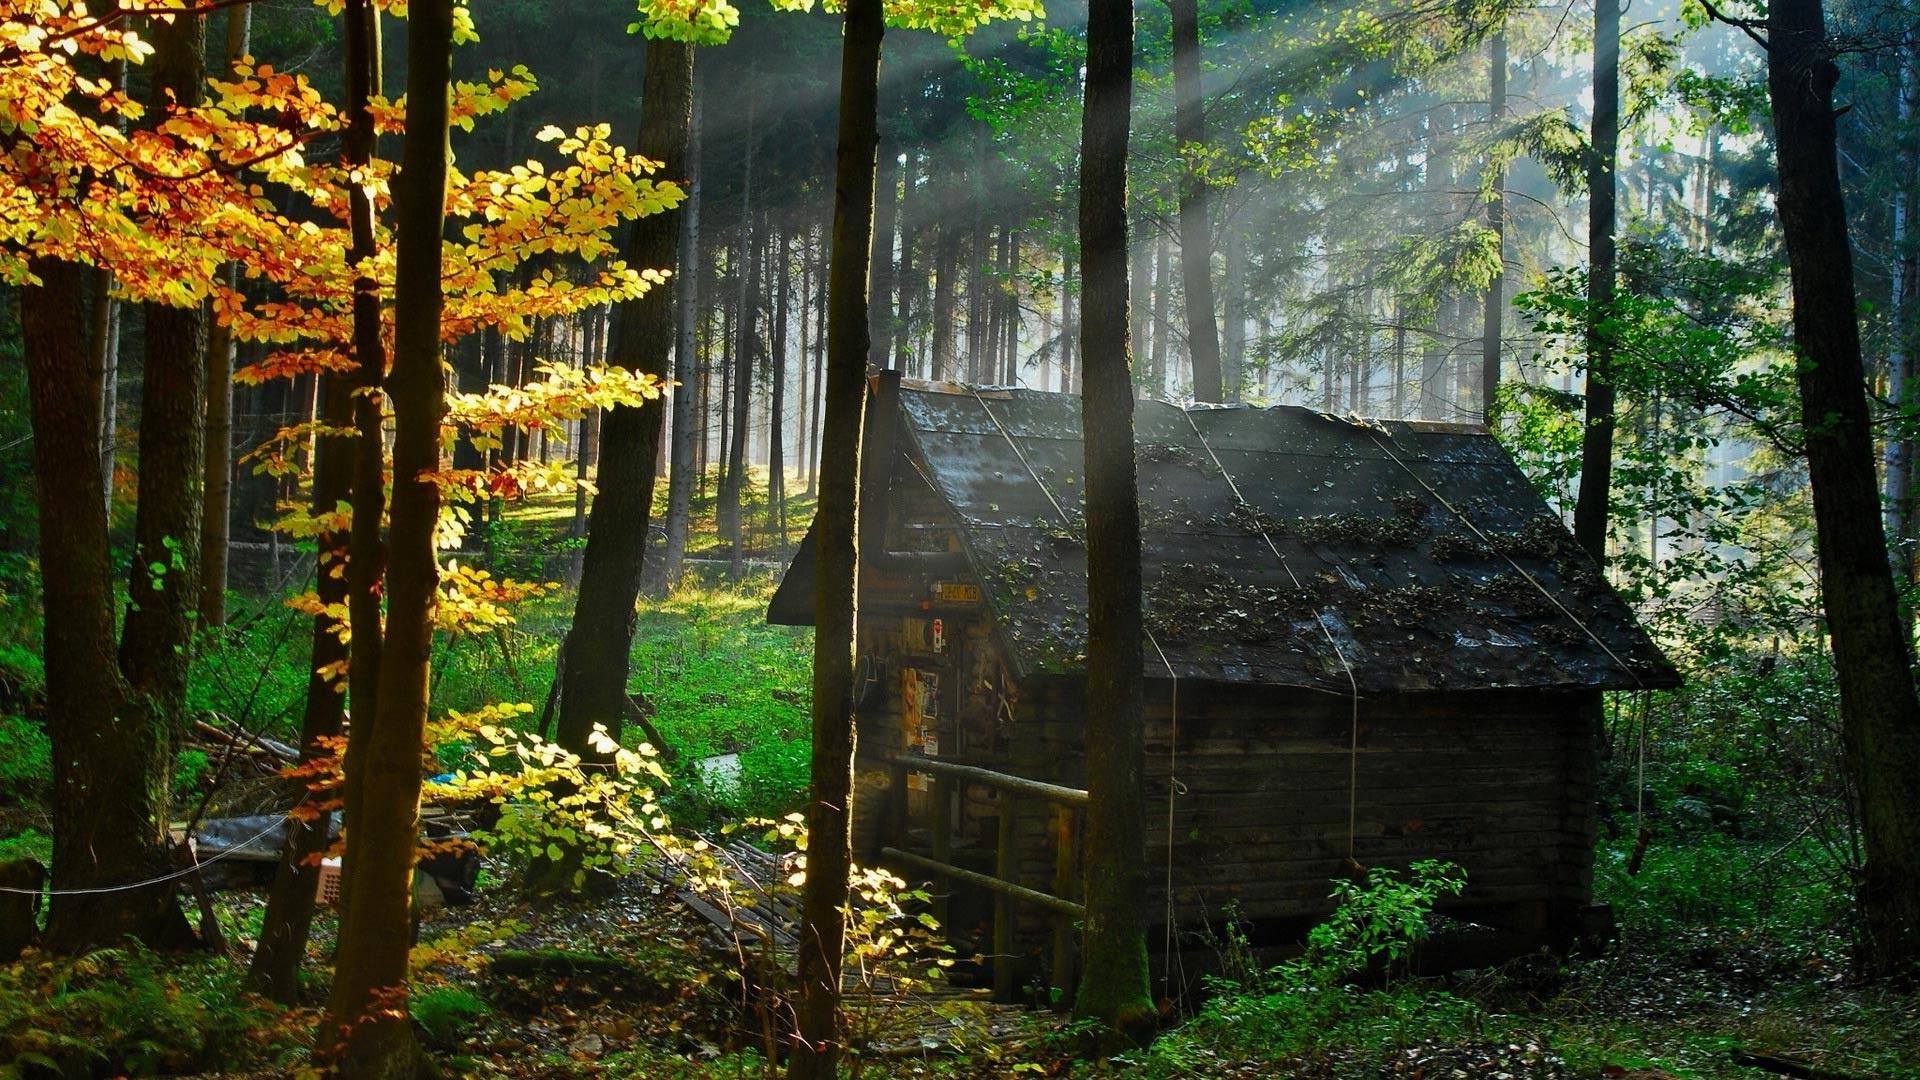 дом на окраине леса картинки фото барбариса амурского